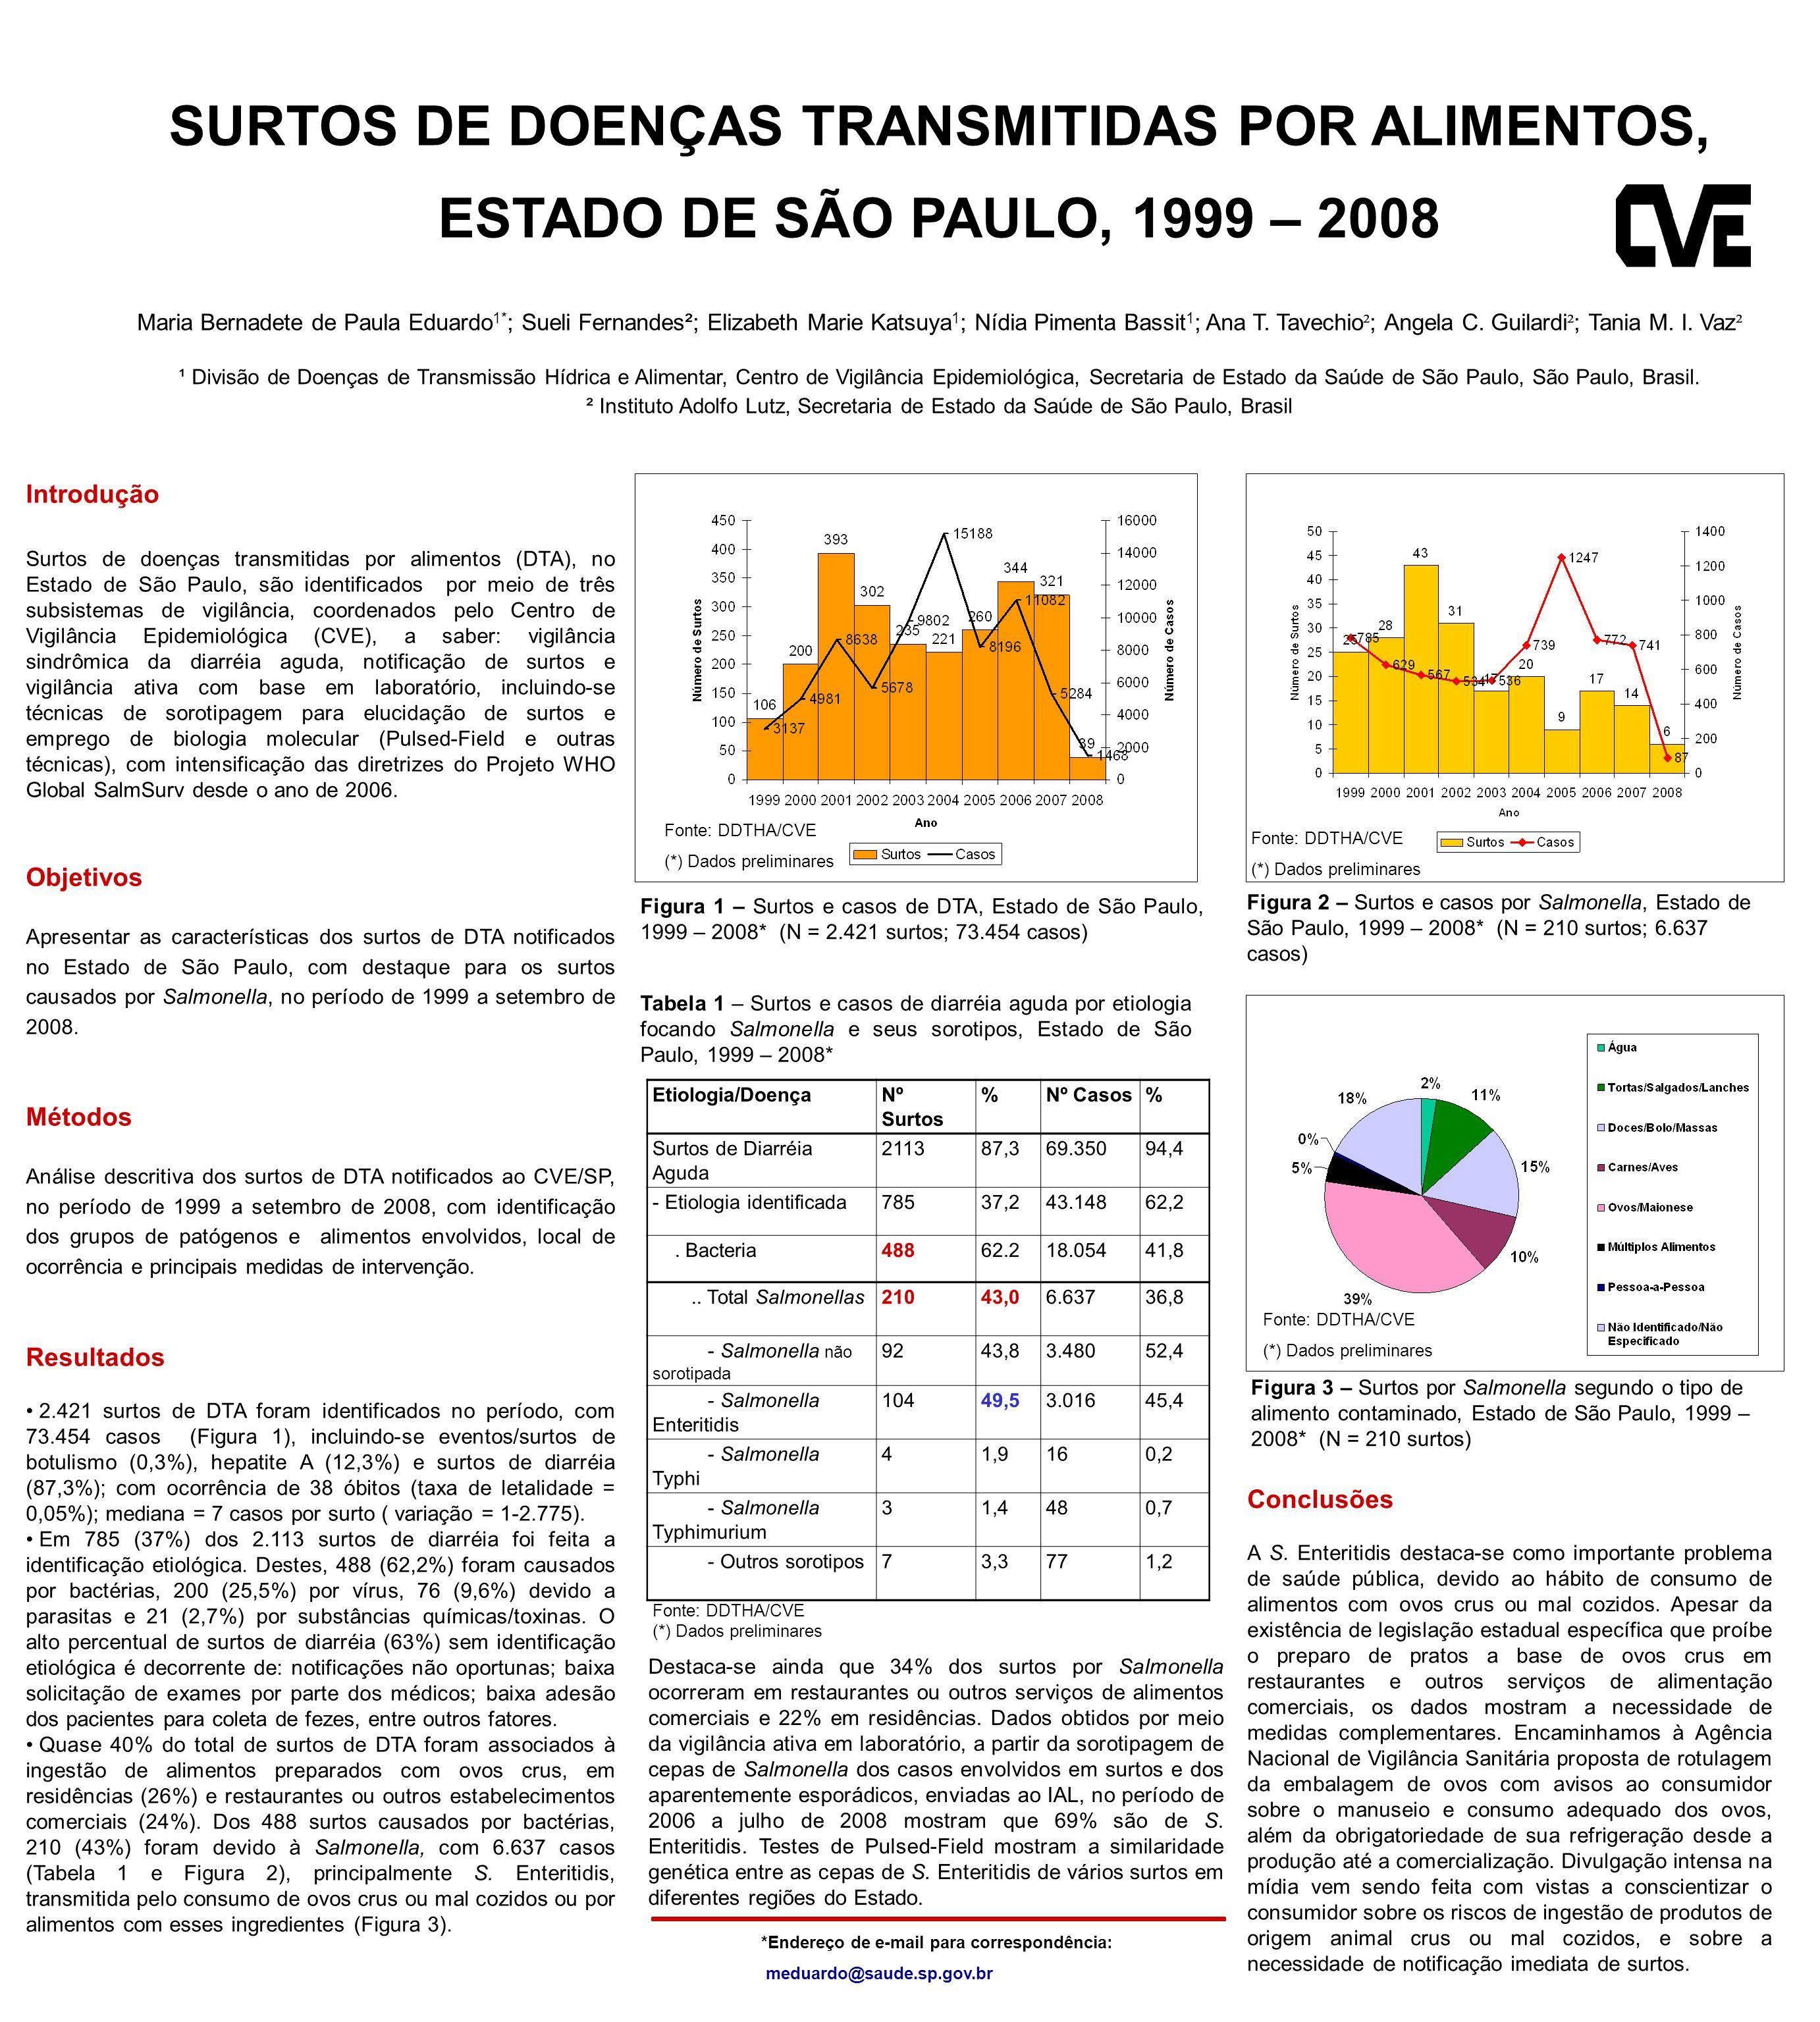 Introdução Surtos de doenças transmitidas por alimentos (DTA), no Estado de São Paulo, são identificados por meio de três subsistemas de vigilância, coordenados pelo Centro de Vigilância Epidemiológica (CVE), a saber: vigilância sindrômica da diarréia aguda, notificação de surtos e vigilância ativa com base em laboratório, incluindo-se técnicas de sorotipagem para elucidação de surtos e emprego de biologia molecular (Pulsed-Field e outras técnicas), com intensificação das diretrizes do Projeto WHO Global SalmSurv desde o ano de 2006.